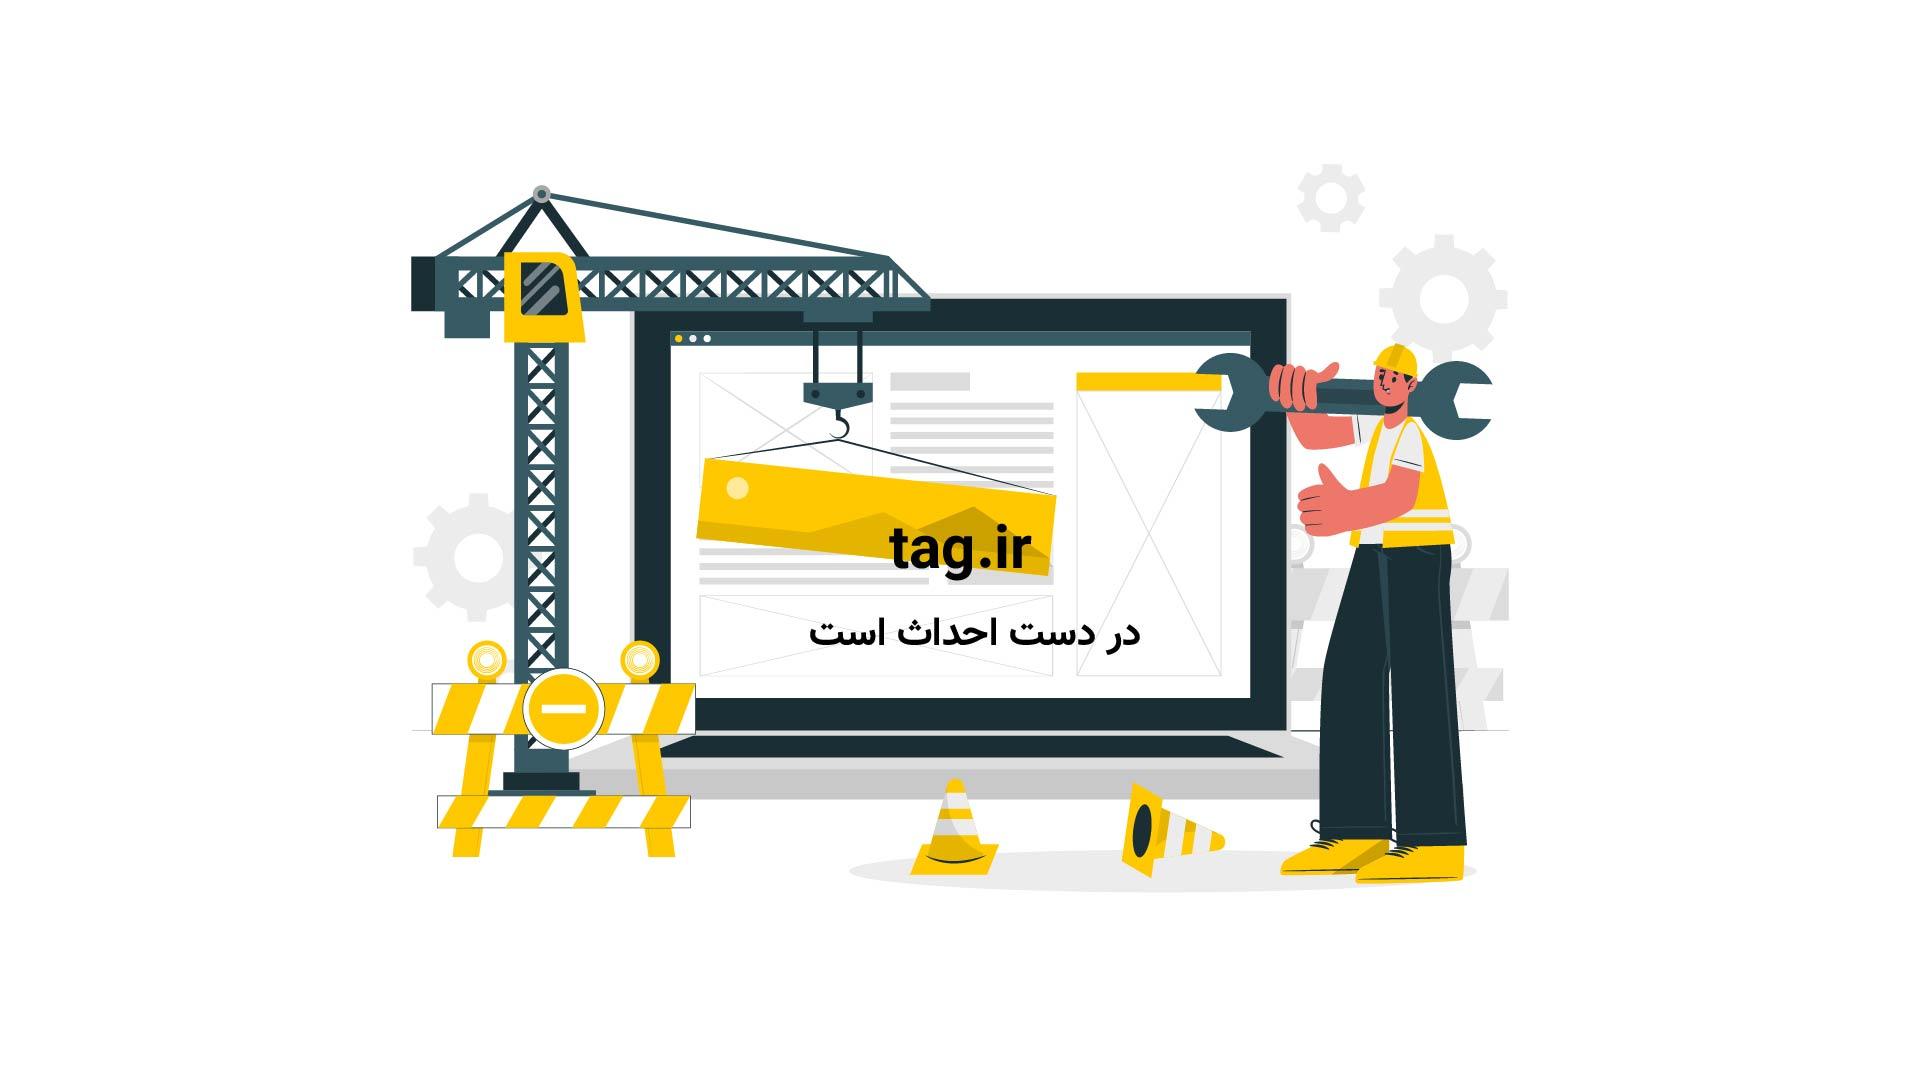 سخنگوی وزارت امور خارجه | تگ